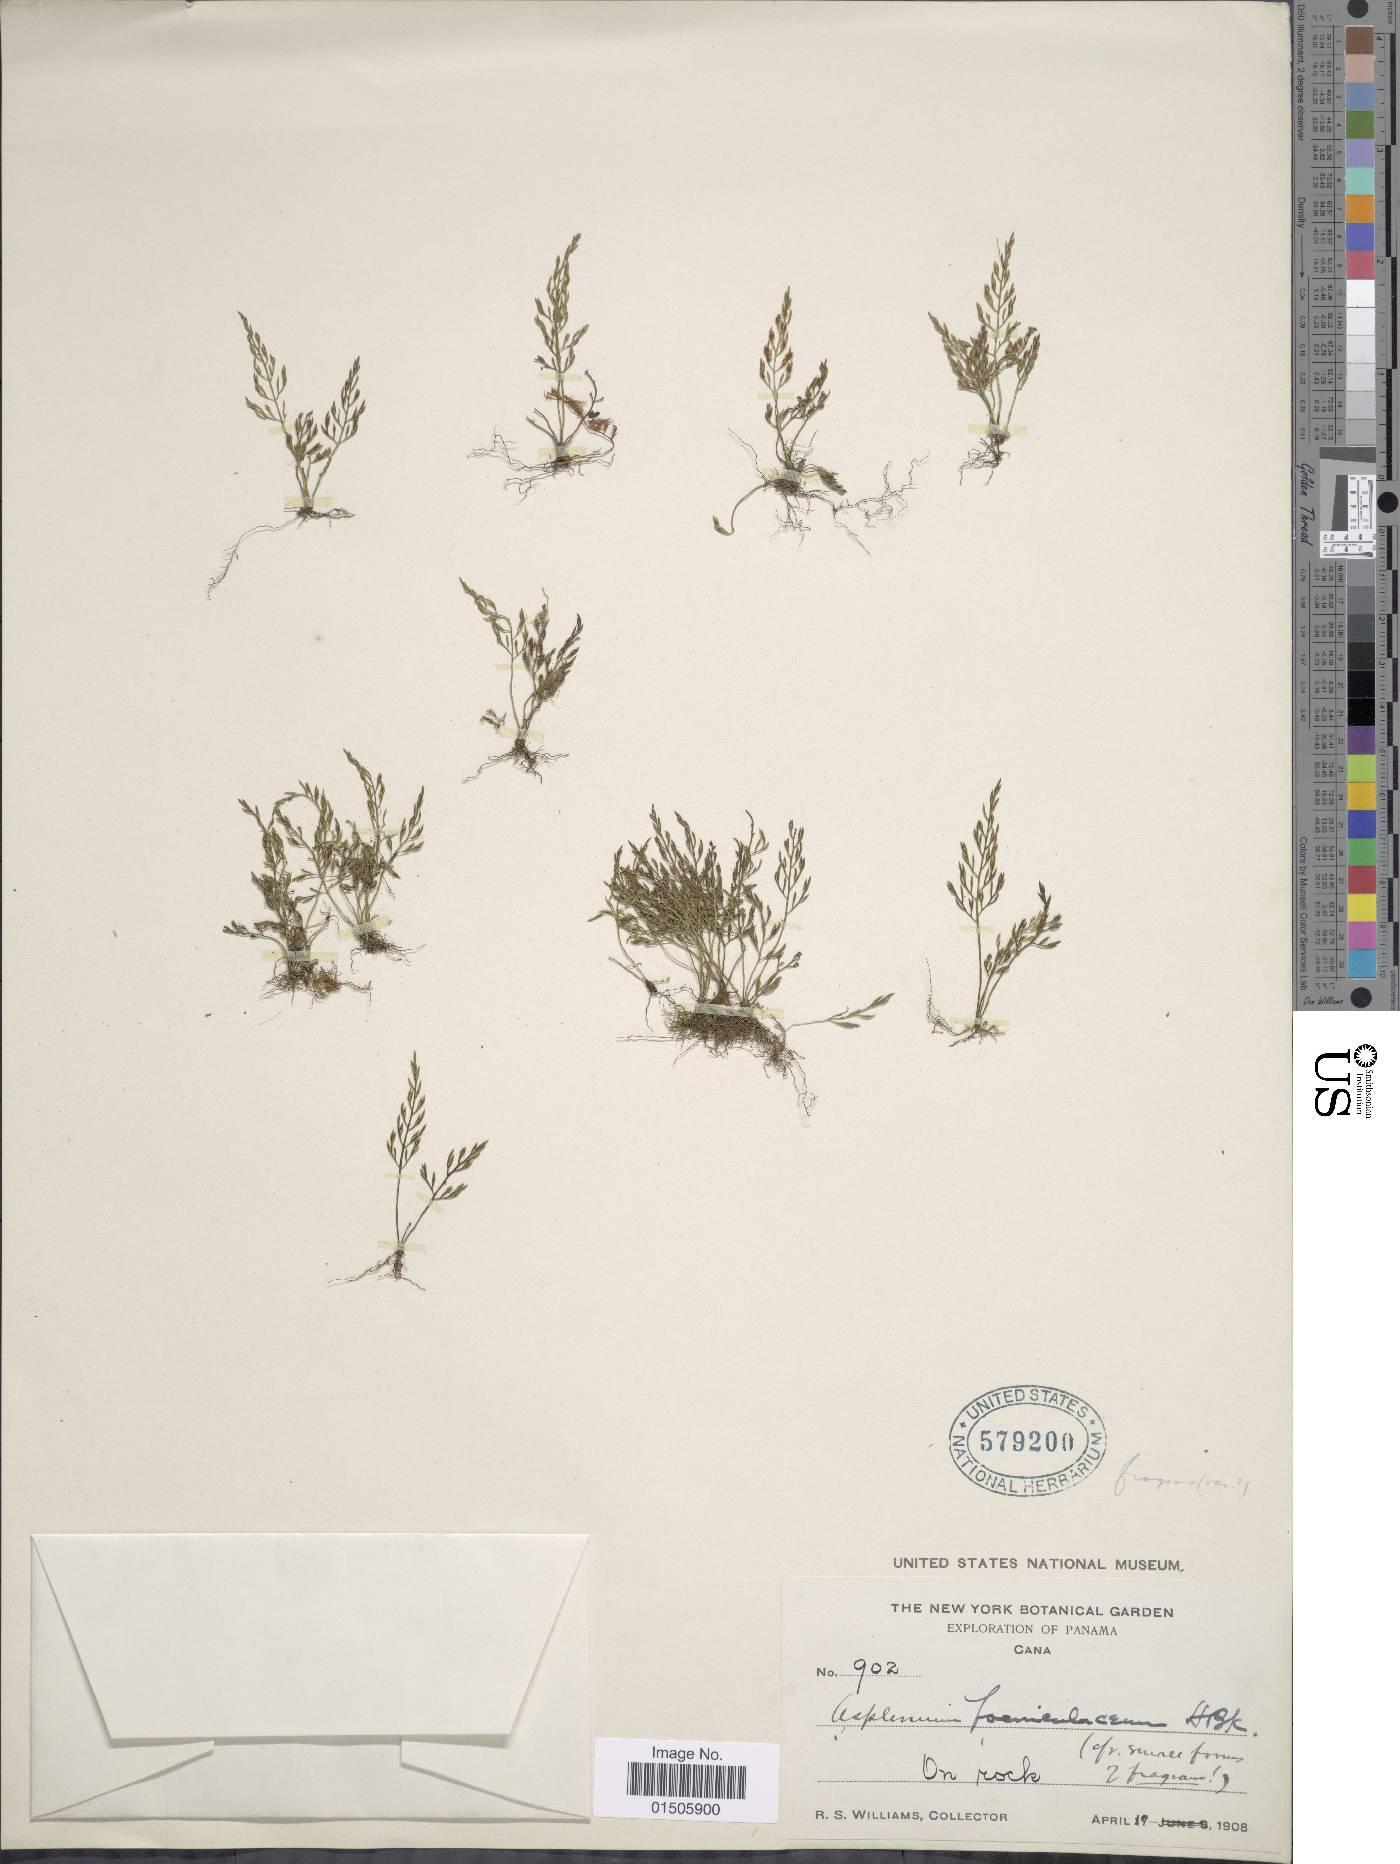 Asplenium foeniculaceum image